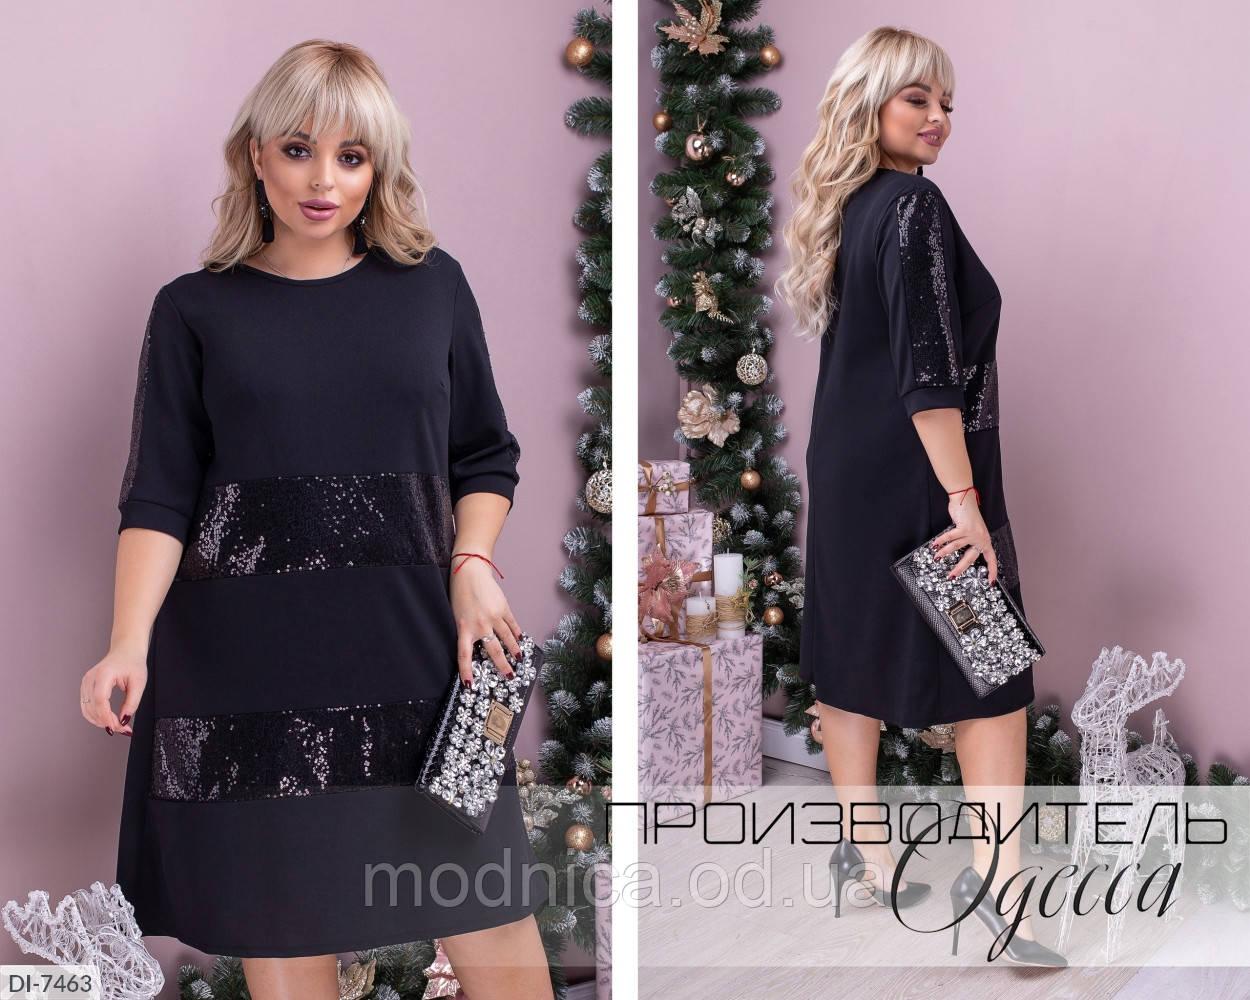 Вільний чорна сукня з паєтками, розмір 50-52, 54-56, 58-60.